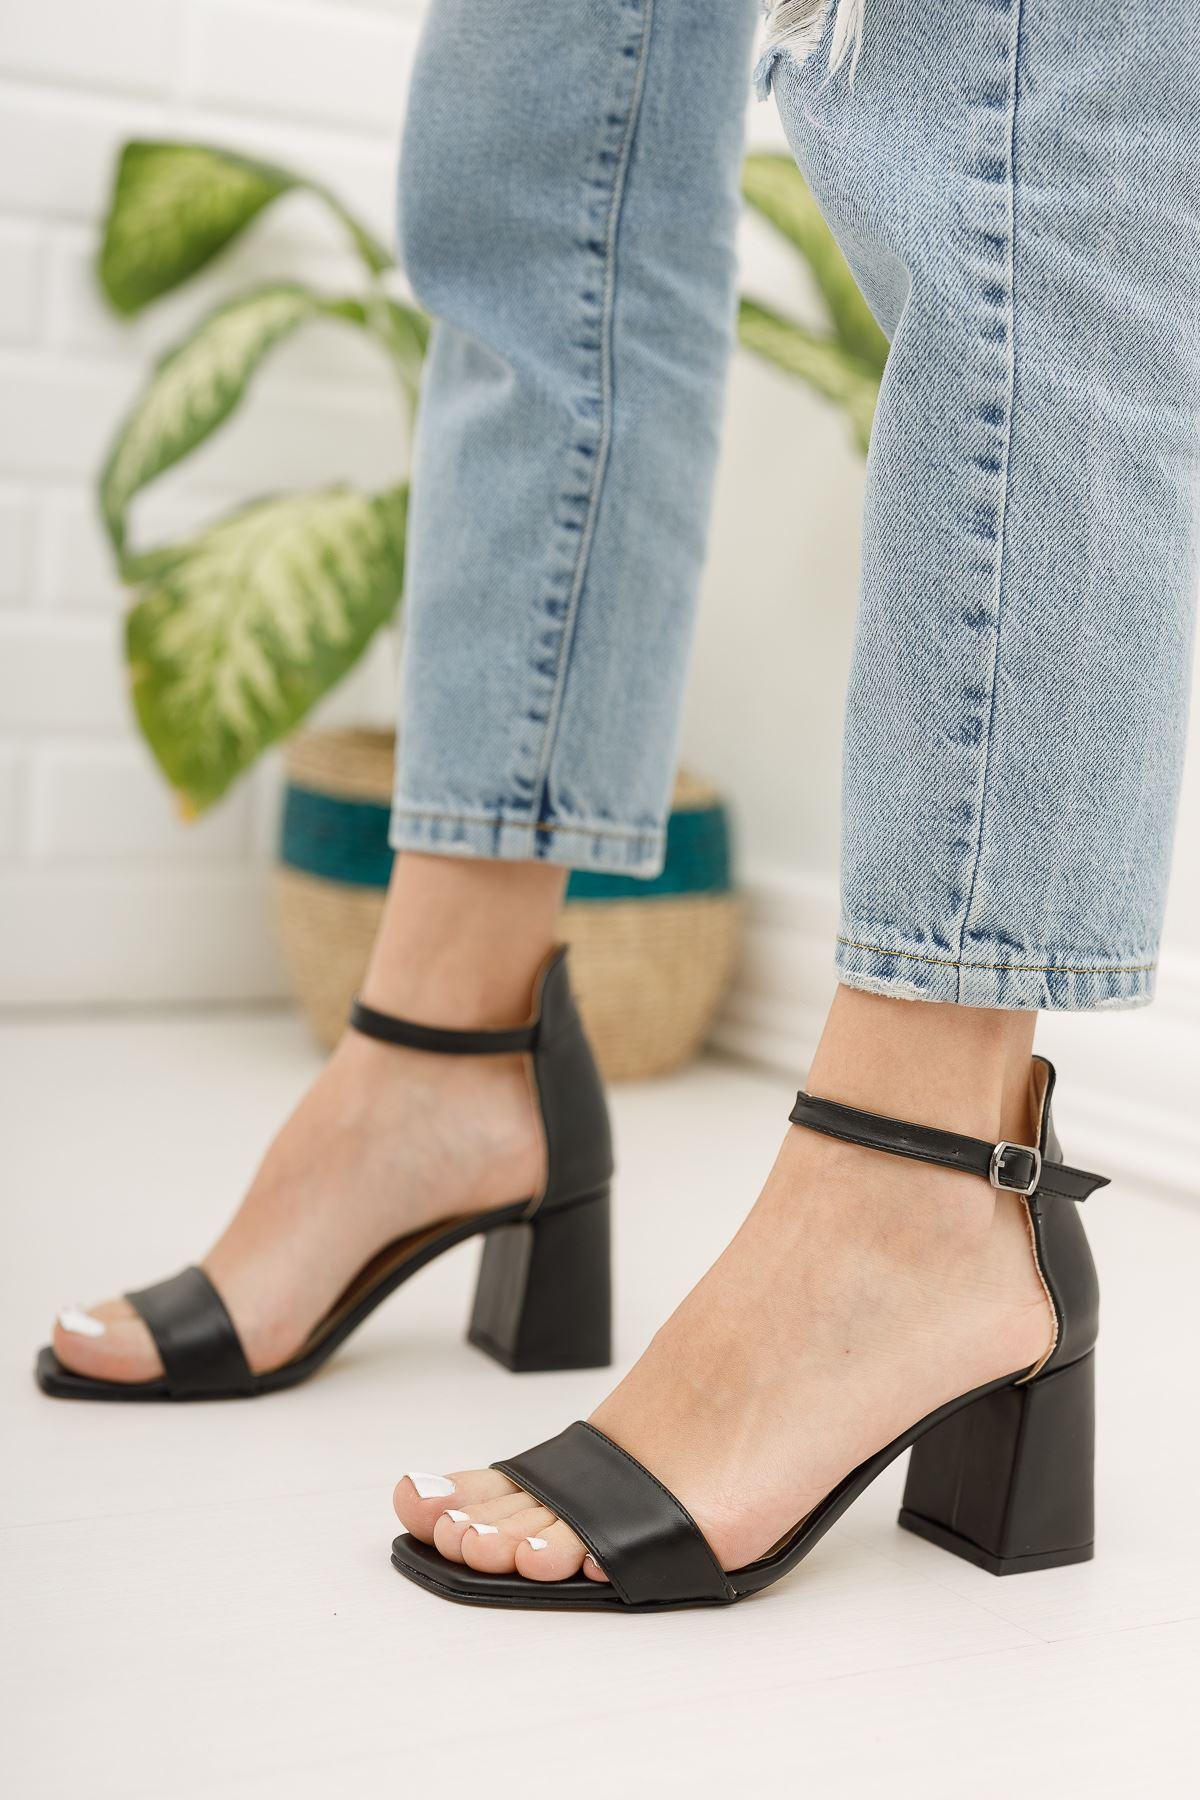 Kadın Toronto Mat Deri Siyah Kısa Topuklu Köşe Burun Tek Bant Ayakkabı